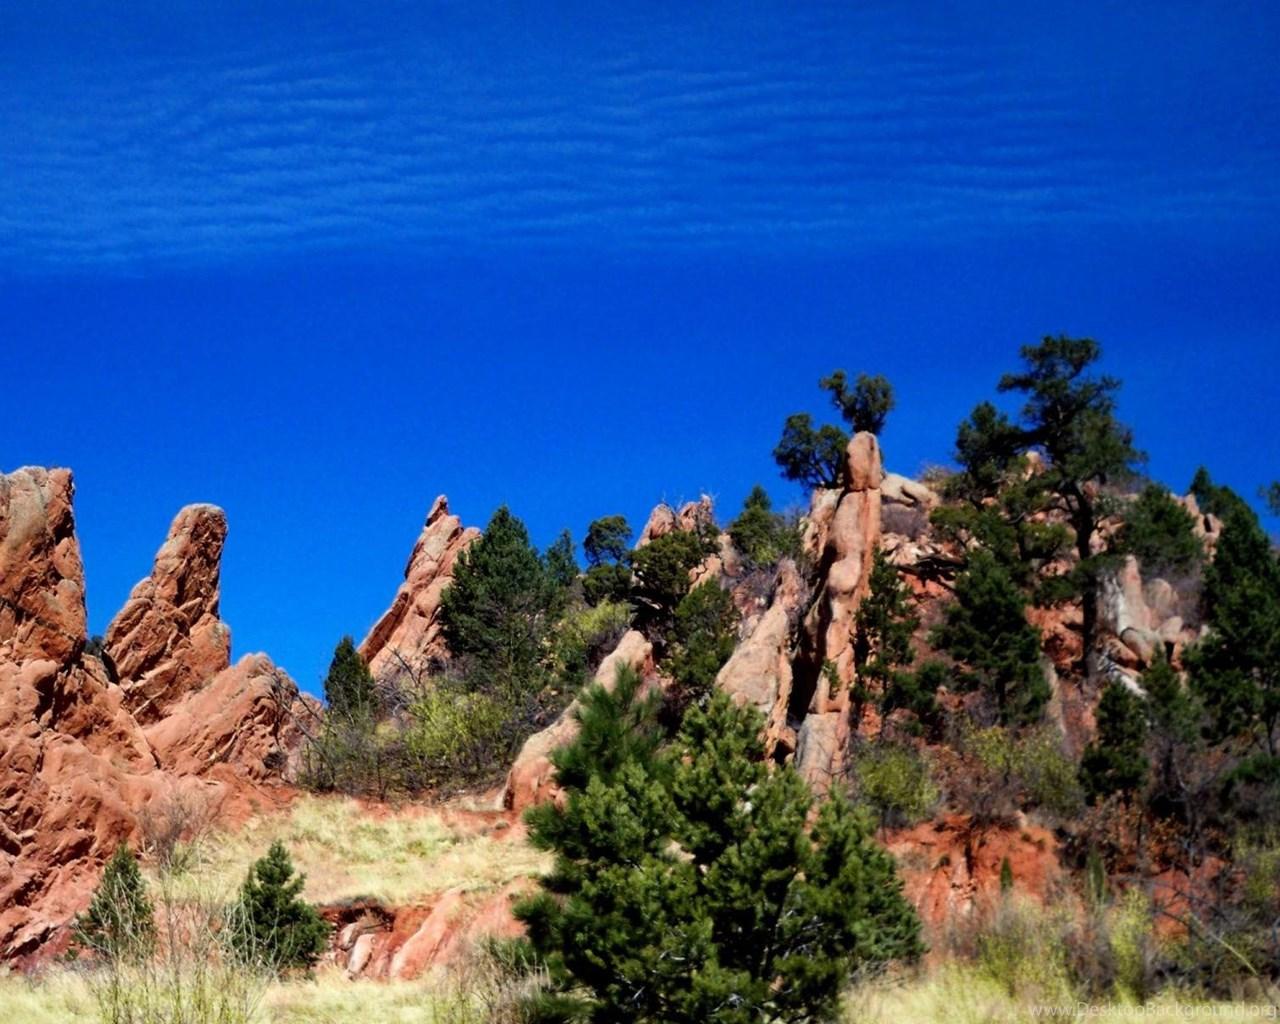 Garden Of The Gods Colorado Springs Wallpaper Desktop Background